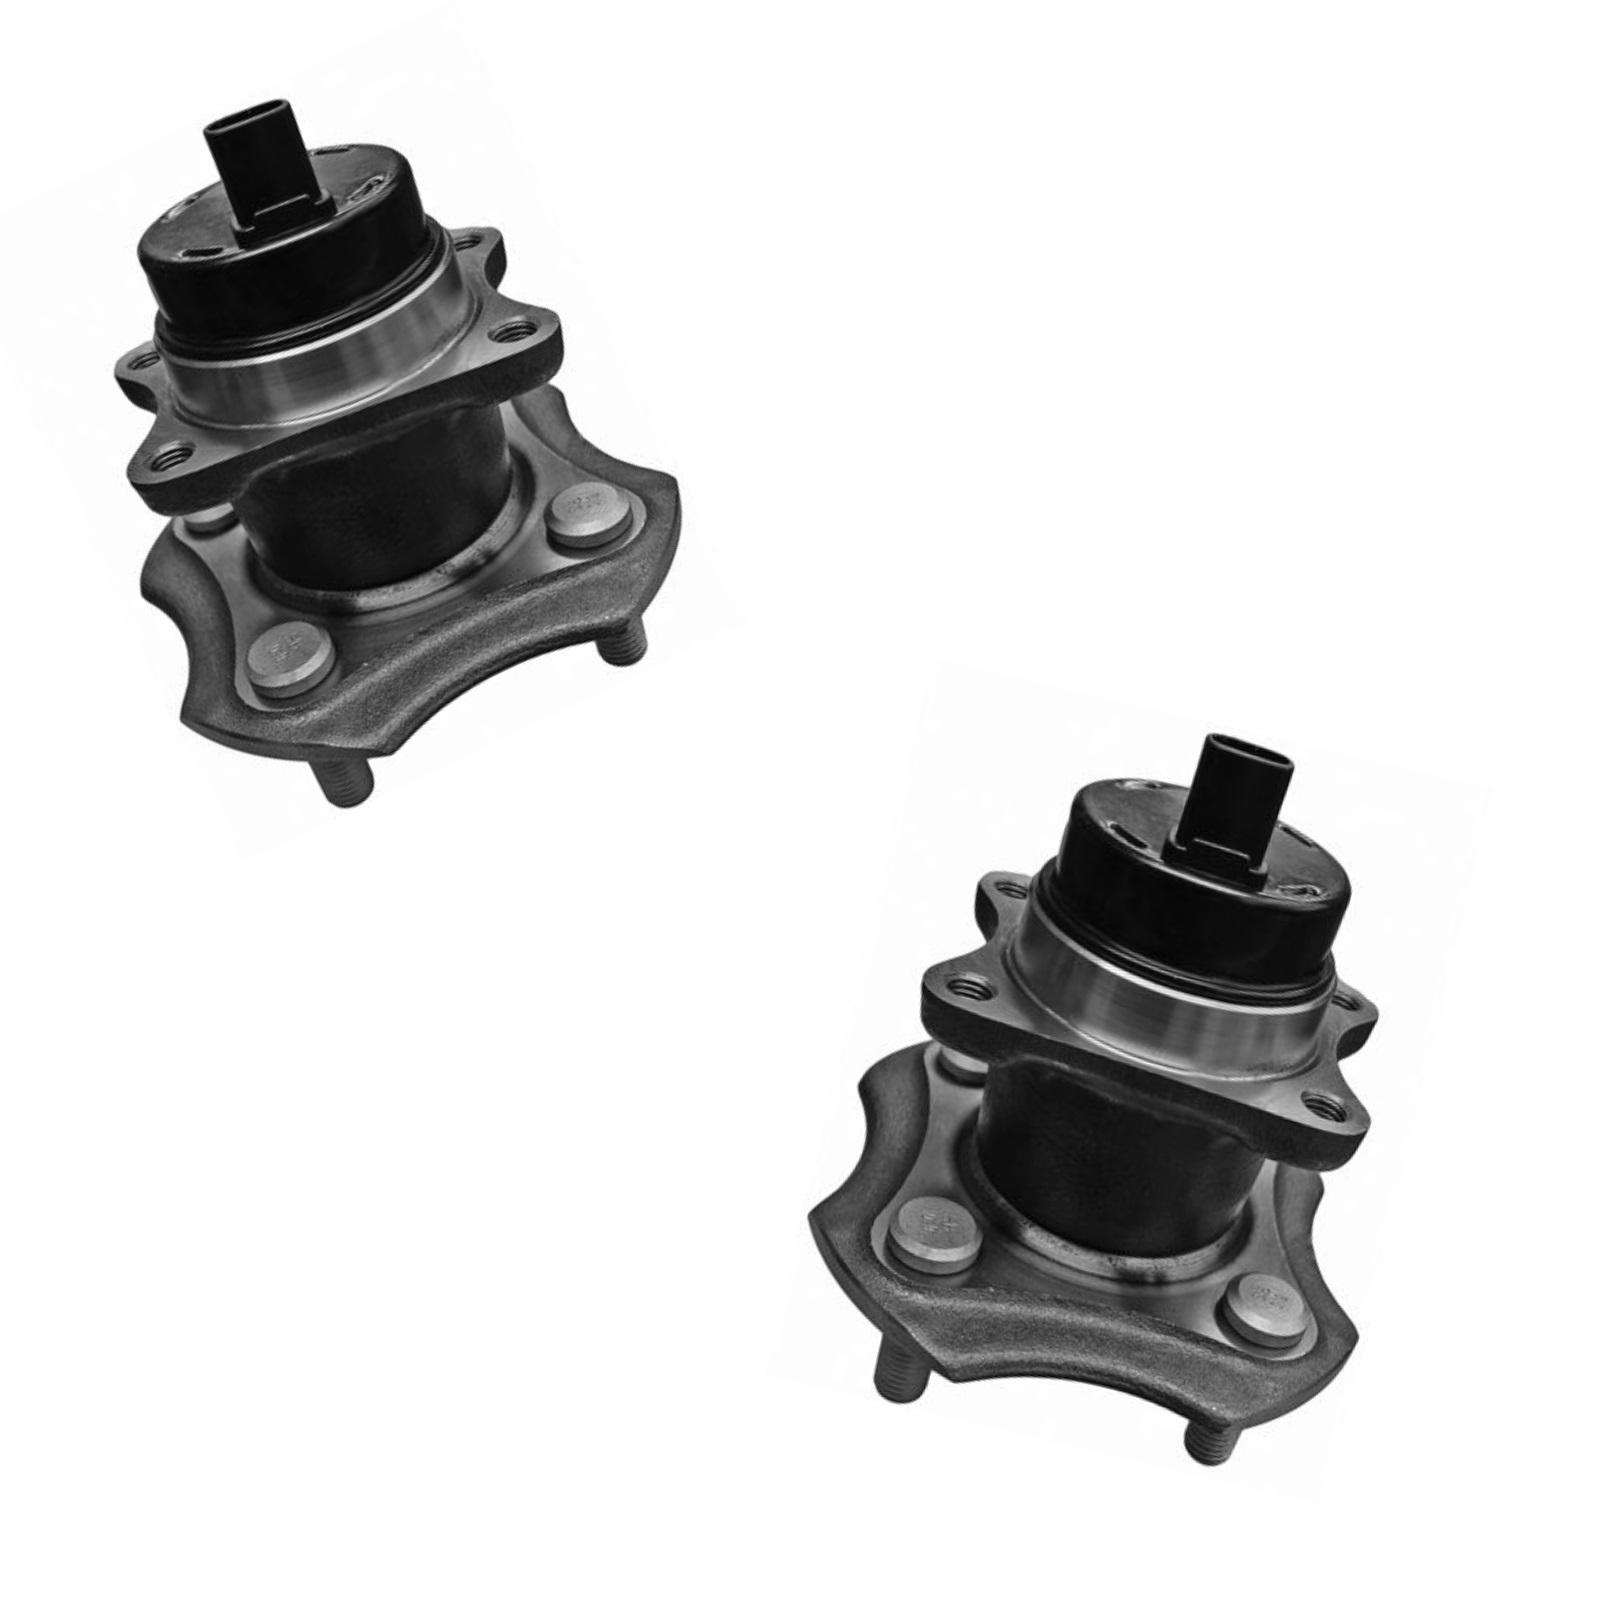 2x Stoßdämpfer Gas hinten Dämpfer HA für Toyota Yaris 1.0 1.3 16V 1.5 VVT-i TS